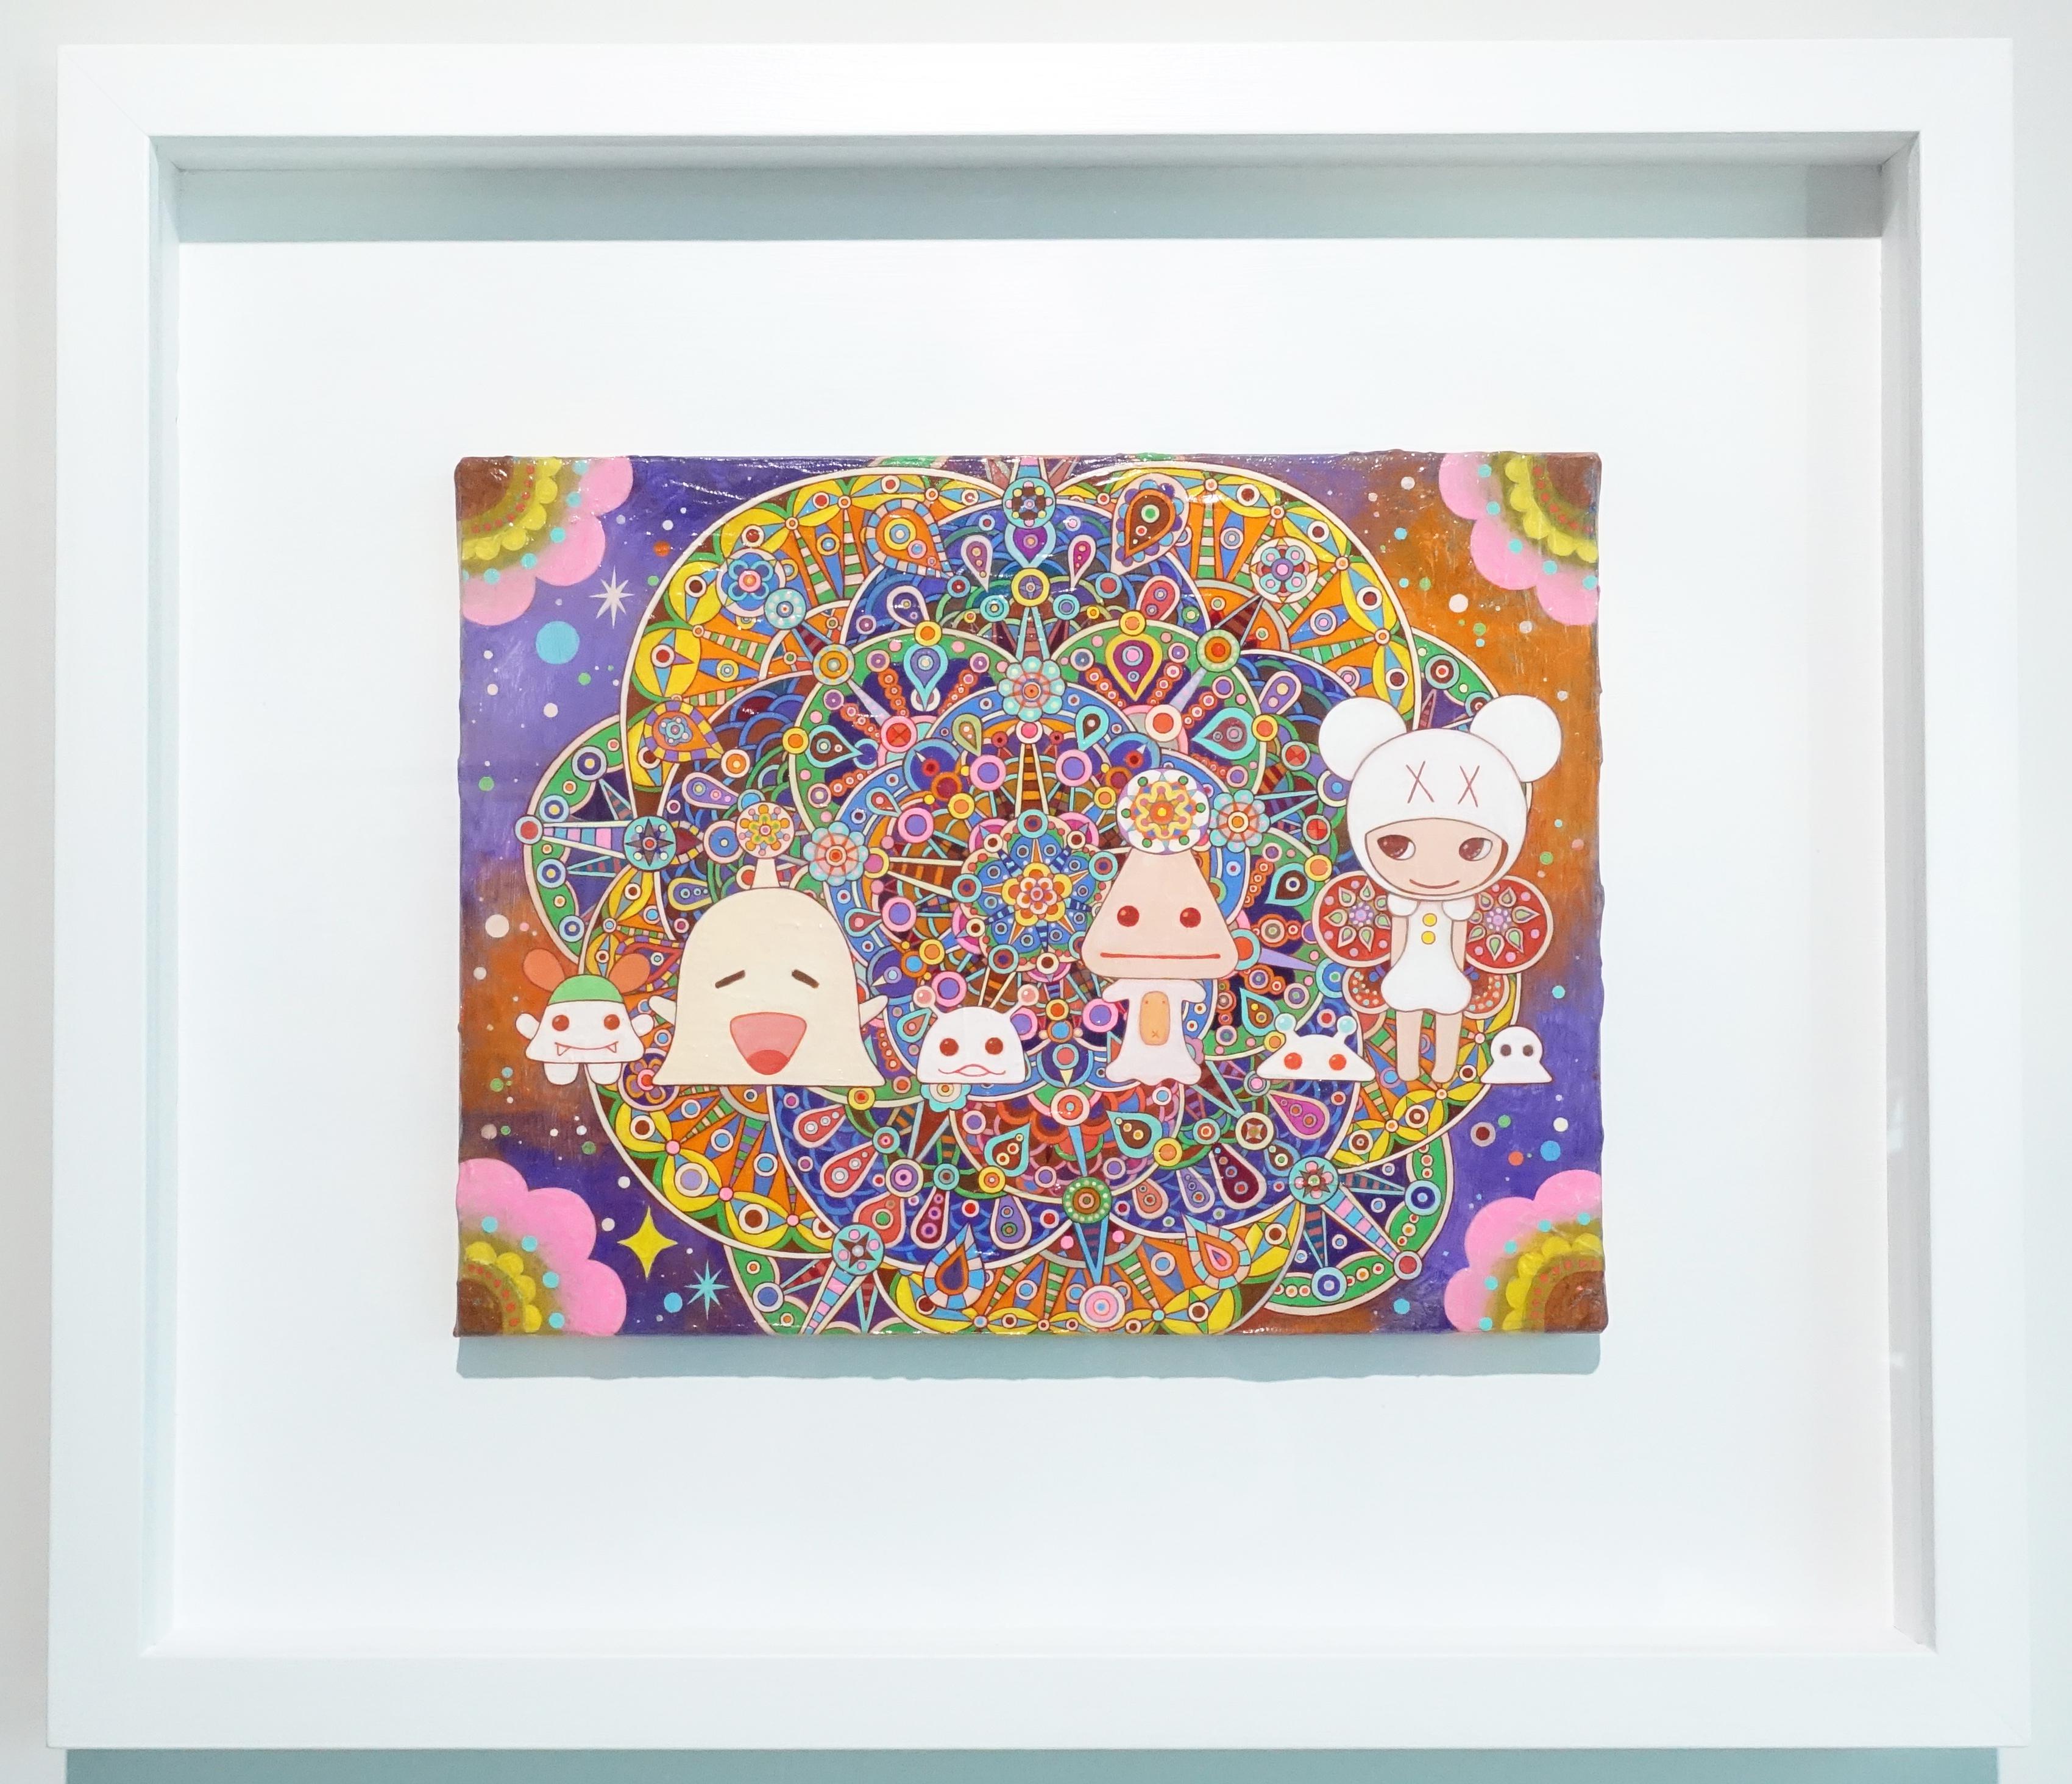 可樂王,《有星星的銀河》,35 x 27 cm,複合媒材,2012-2019。